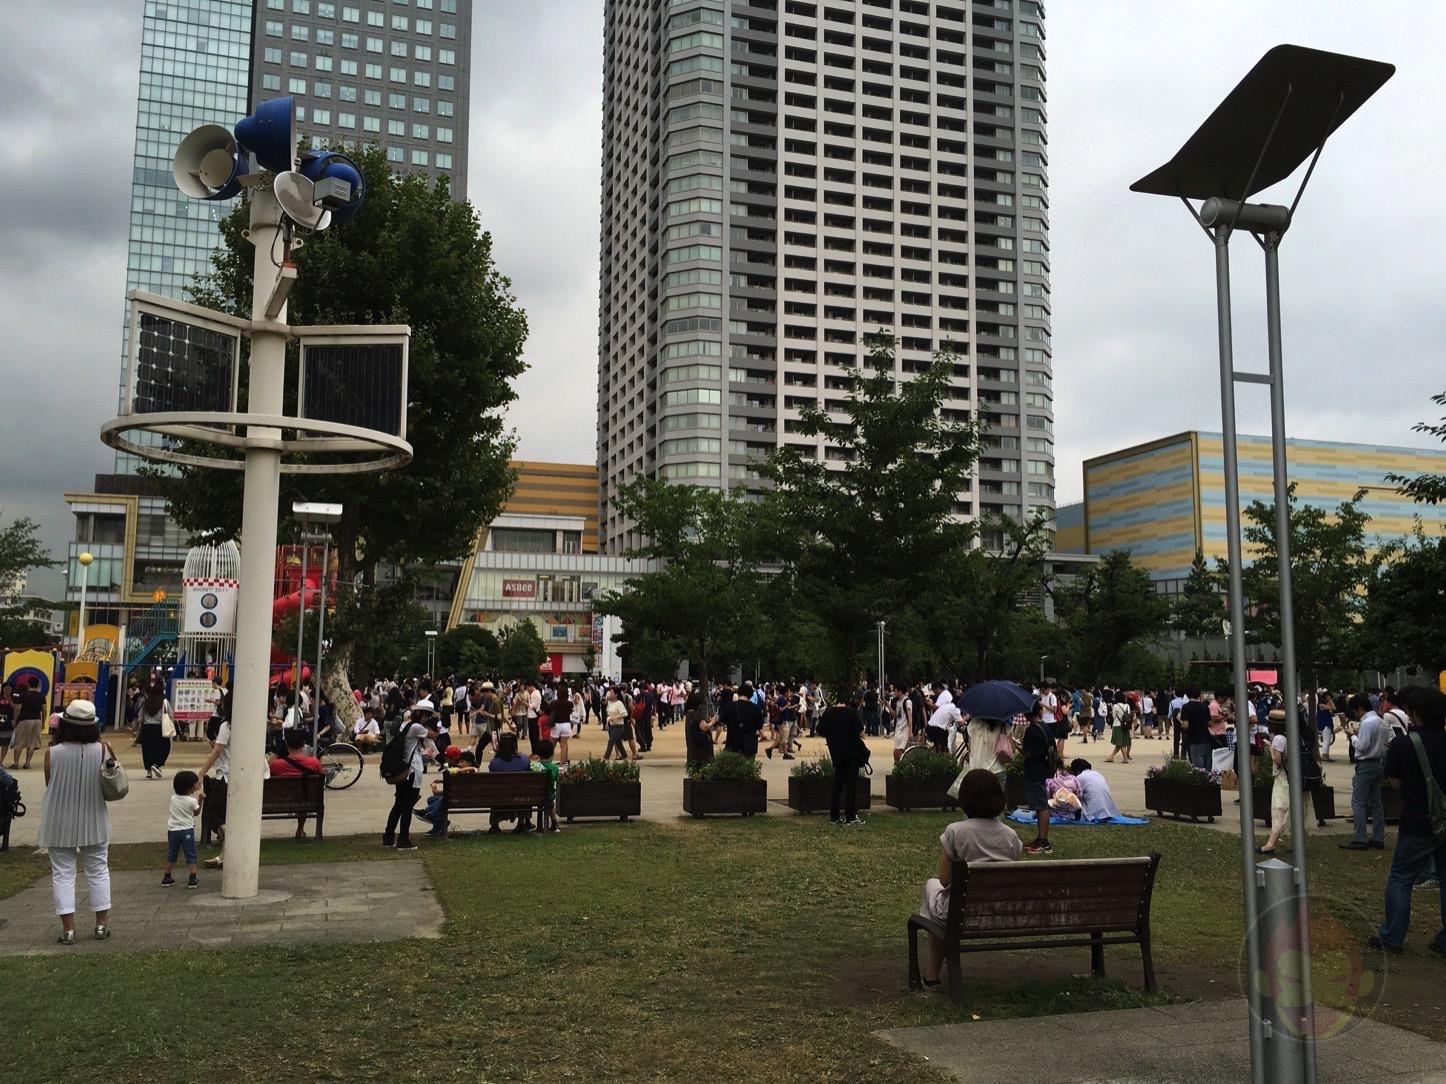 フシギダネをゲットするなら錦糸公園